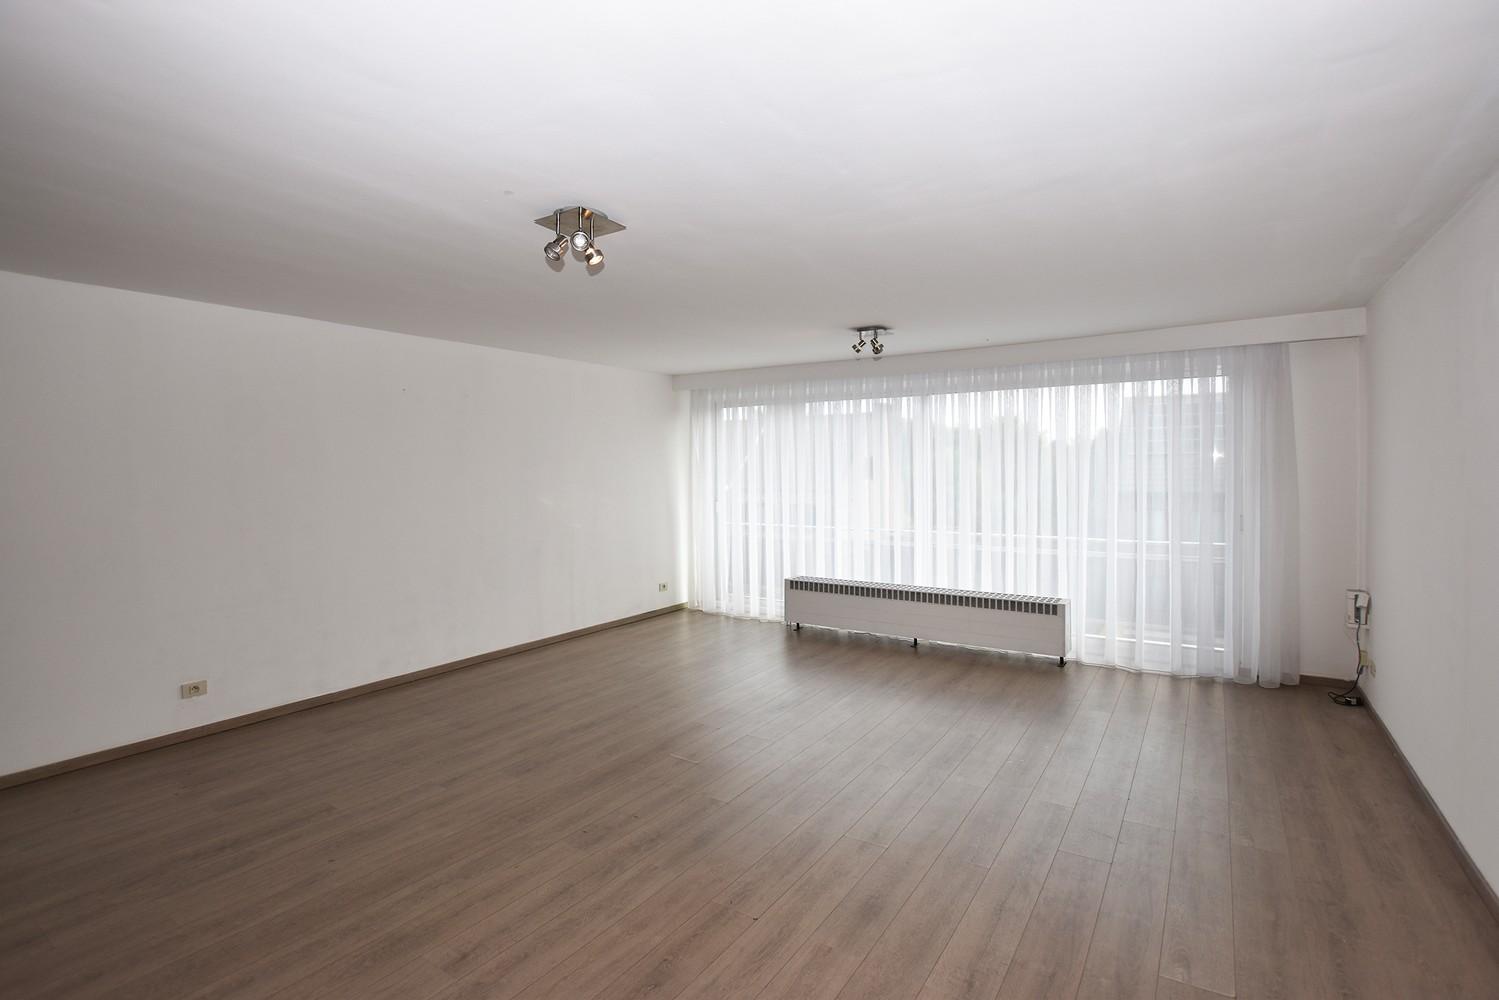 Gunstig gelegen en zeer verzorgd appartement met drie slaapkamers en terras te Wijnegem. afbeelding 4